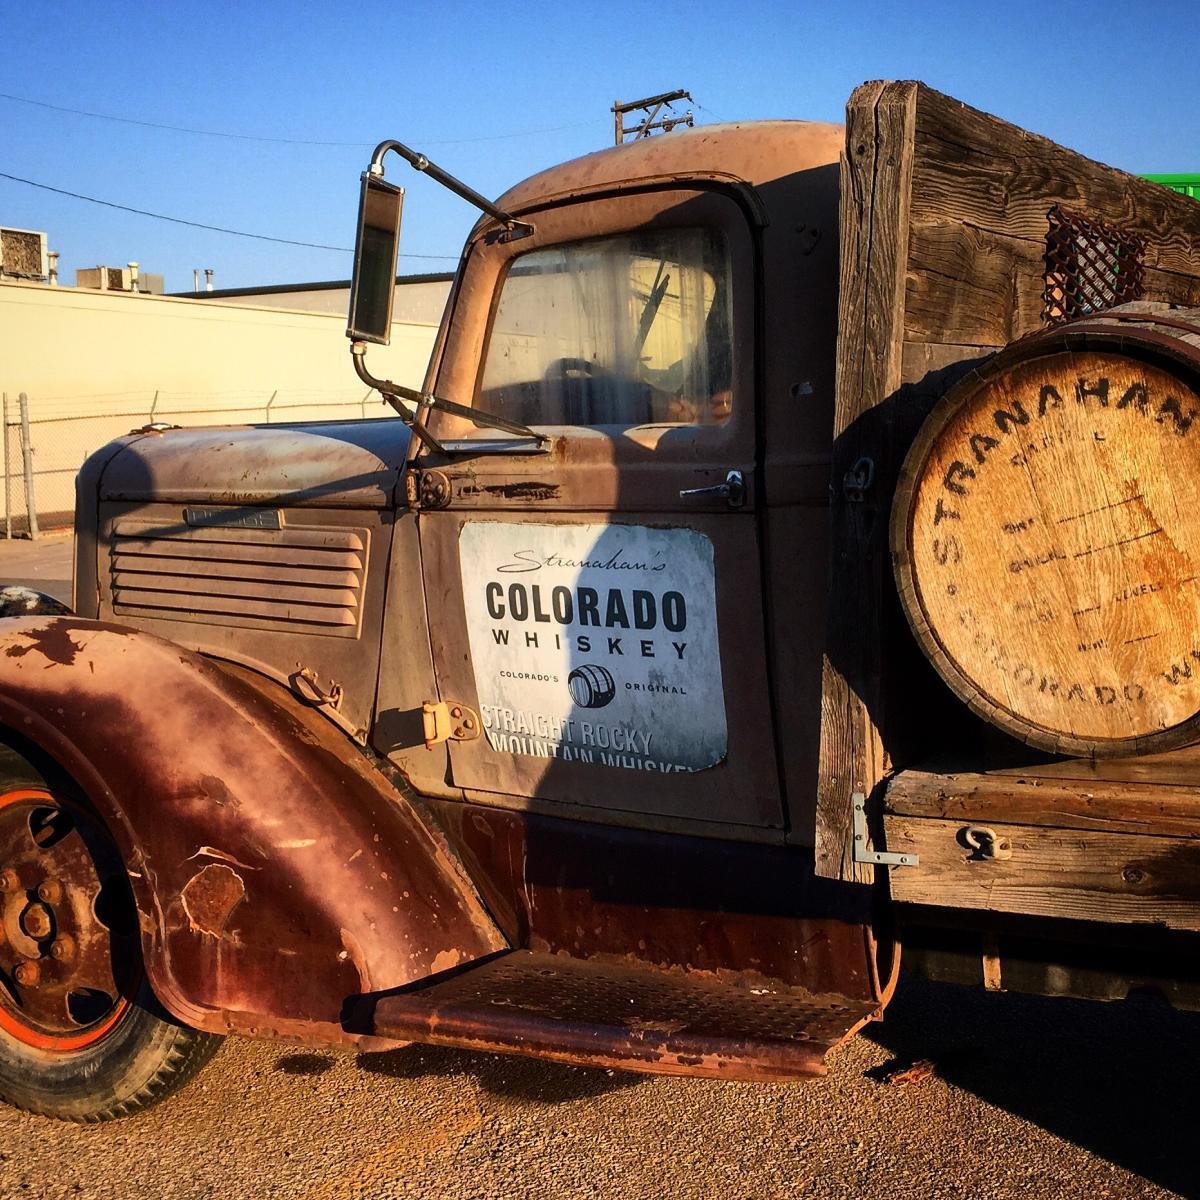 Stranahan's Colorado Whiskey truck